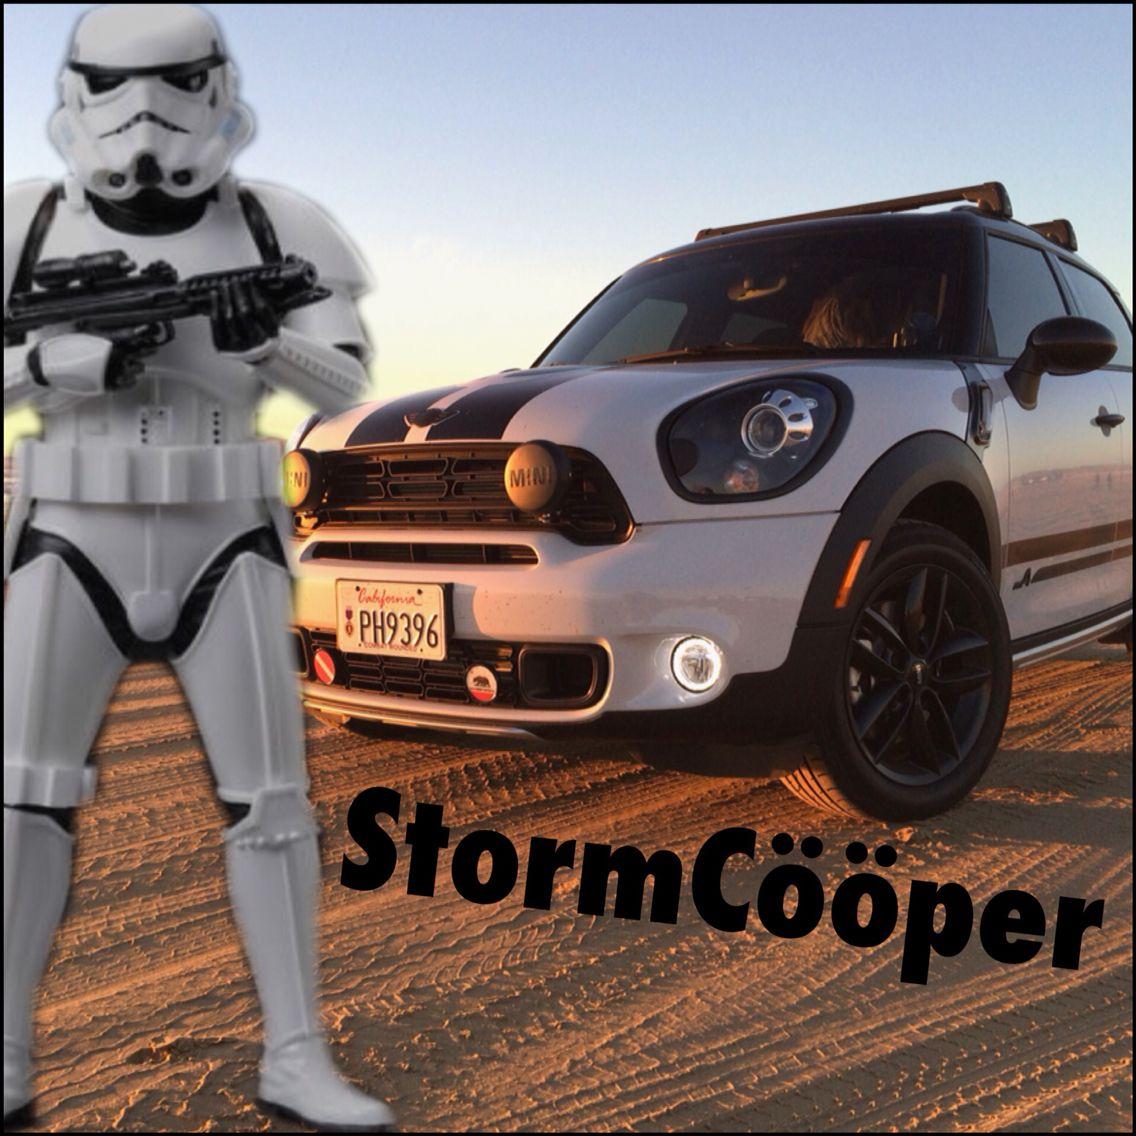 2015 Mini Countryman Suspension: Storm Cooper Star Wars Mini Cooper Countryman All-wheel